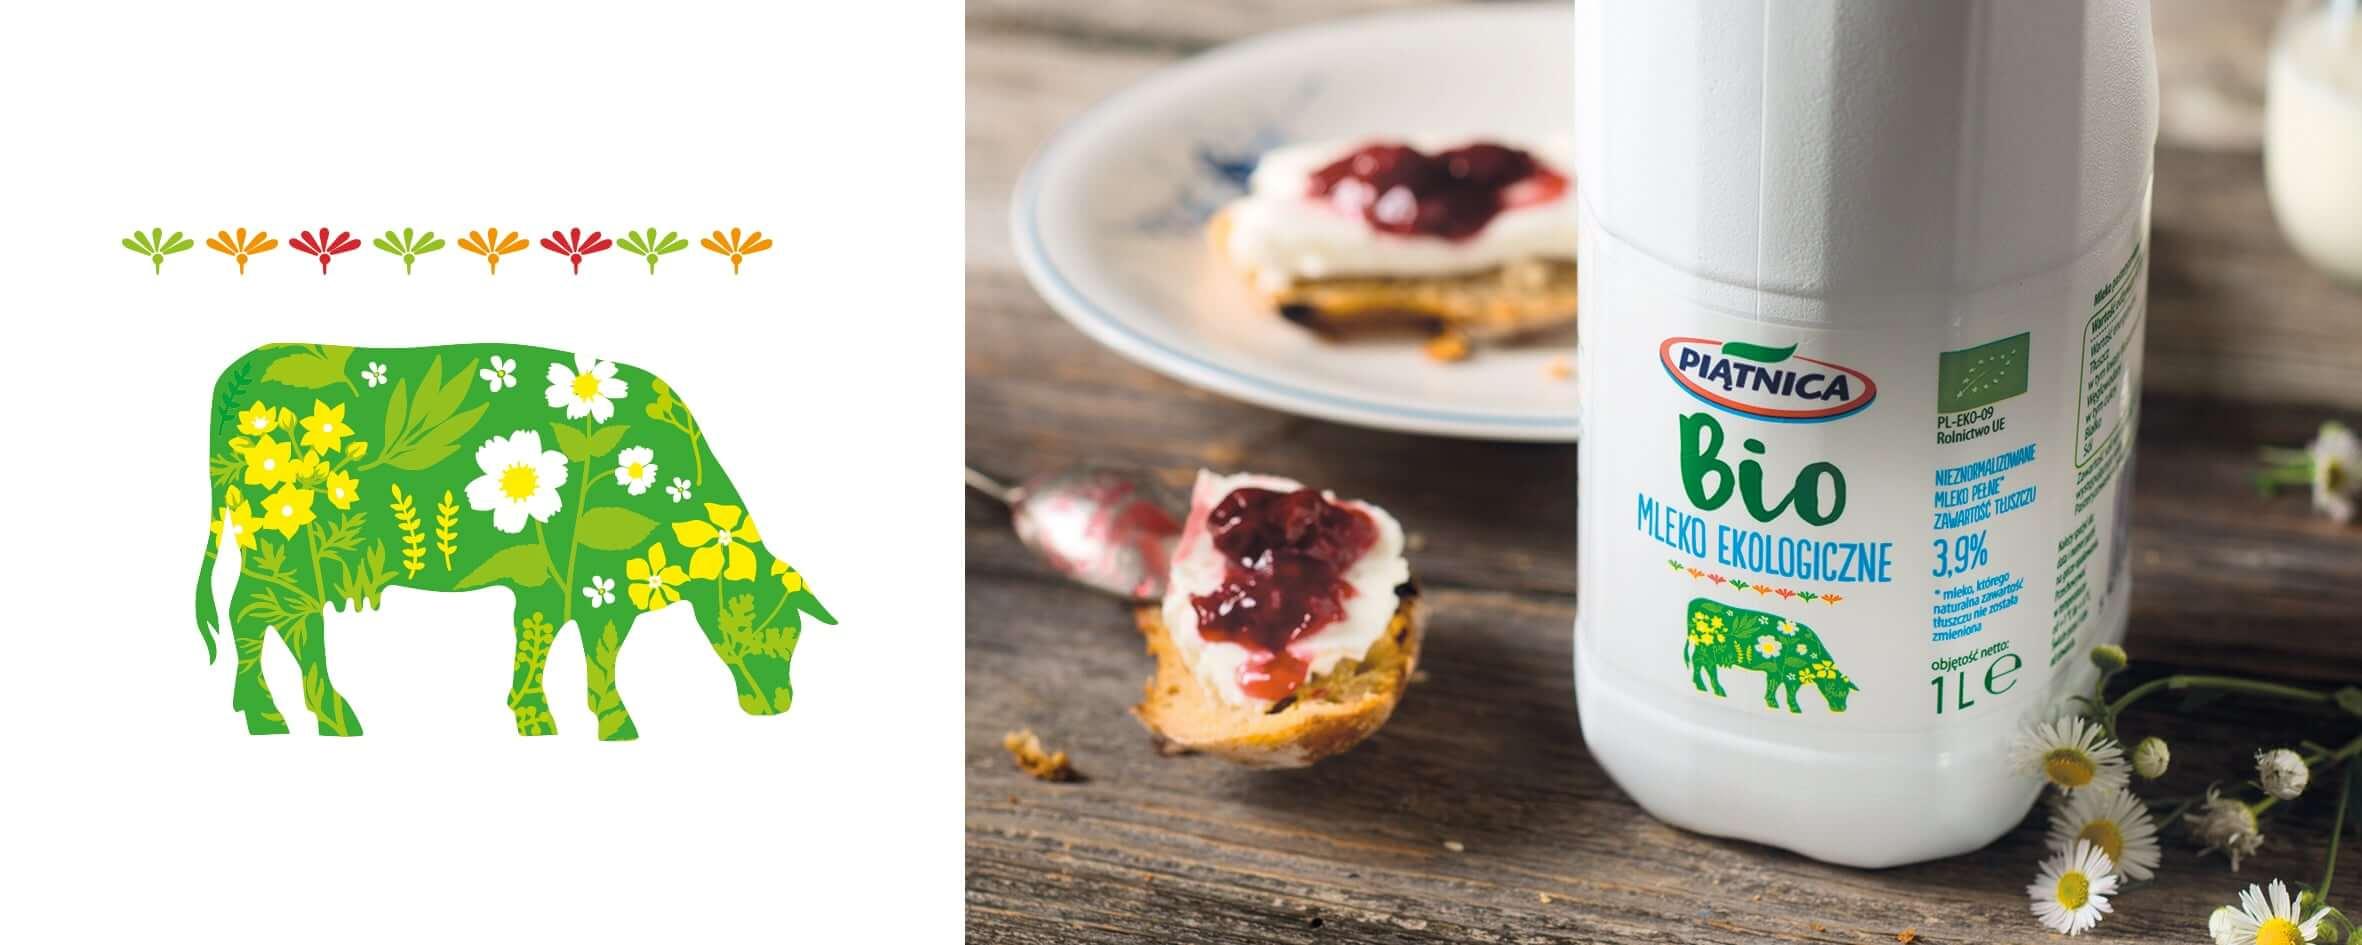 Rola ilustracji w brandingu 4/4 brand design piatnica mleko